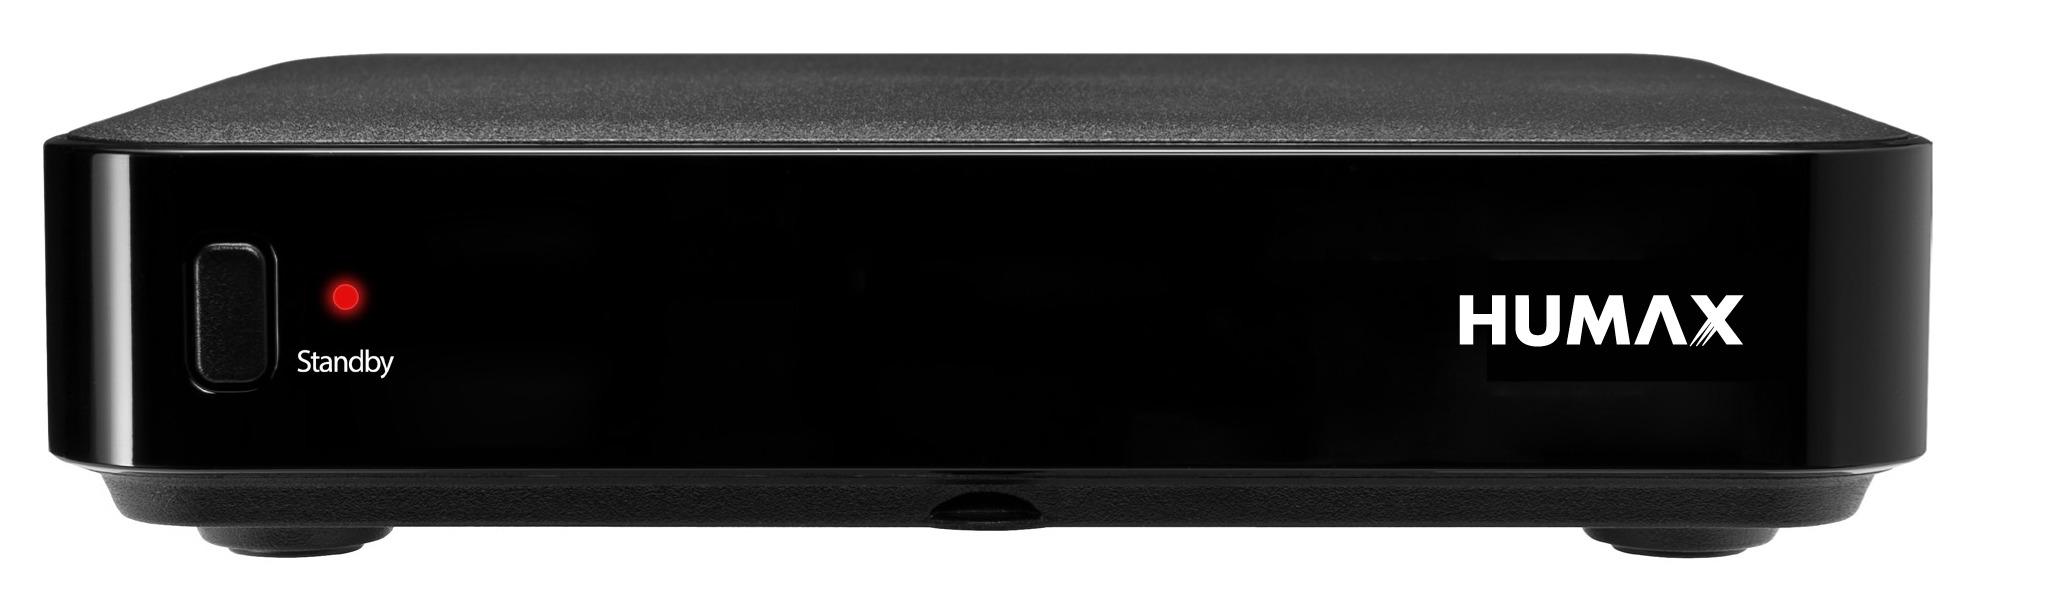 Korting Humax IRHD 5550C kabel